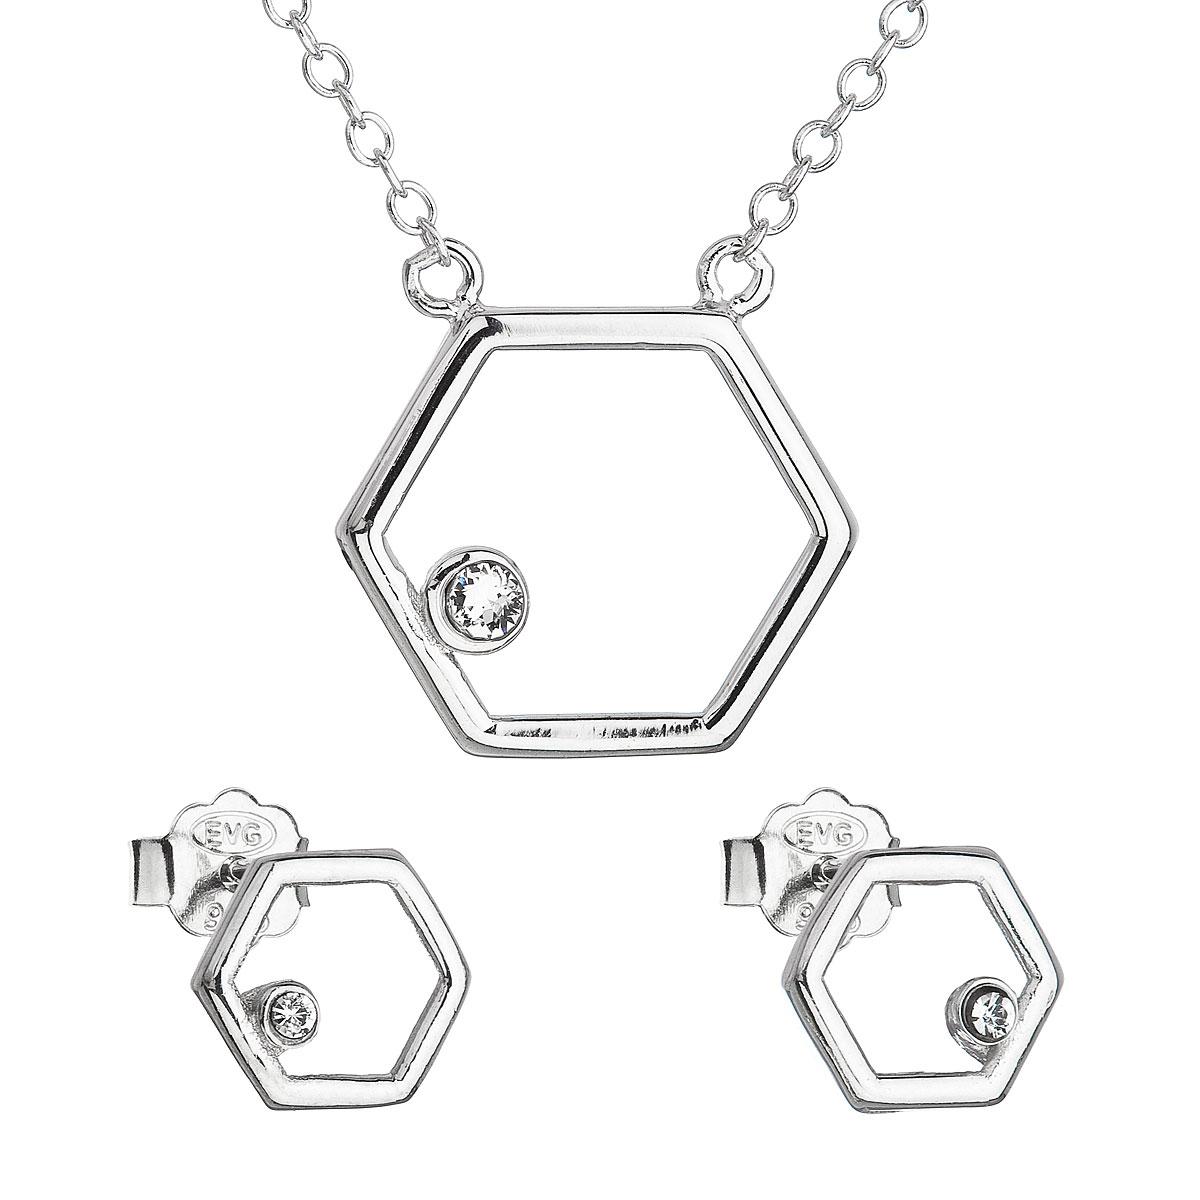 Sada šperkov s krištálmi Swarovski náušnice a náhrdelník biely hexagon 39166.1